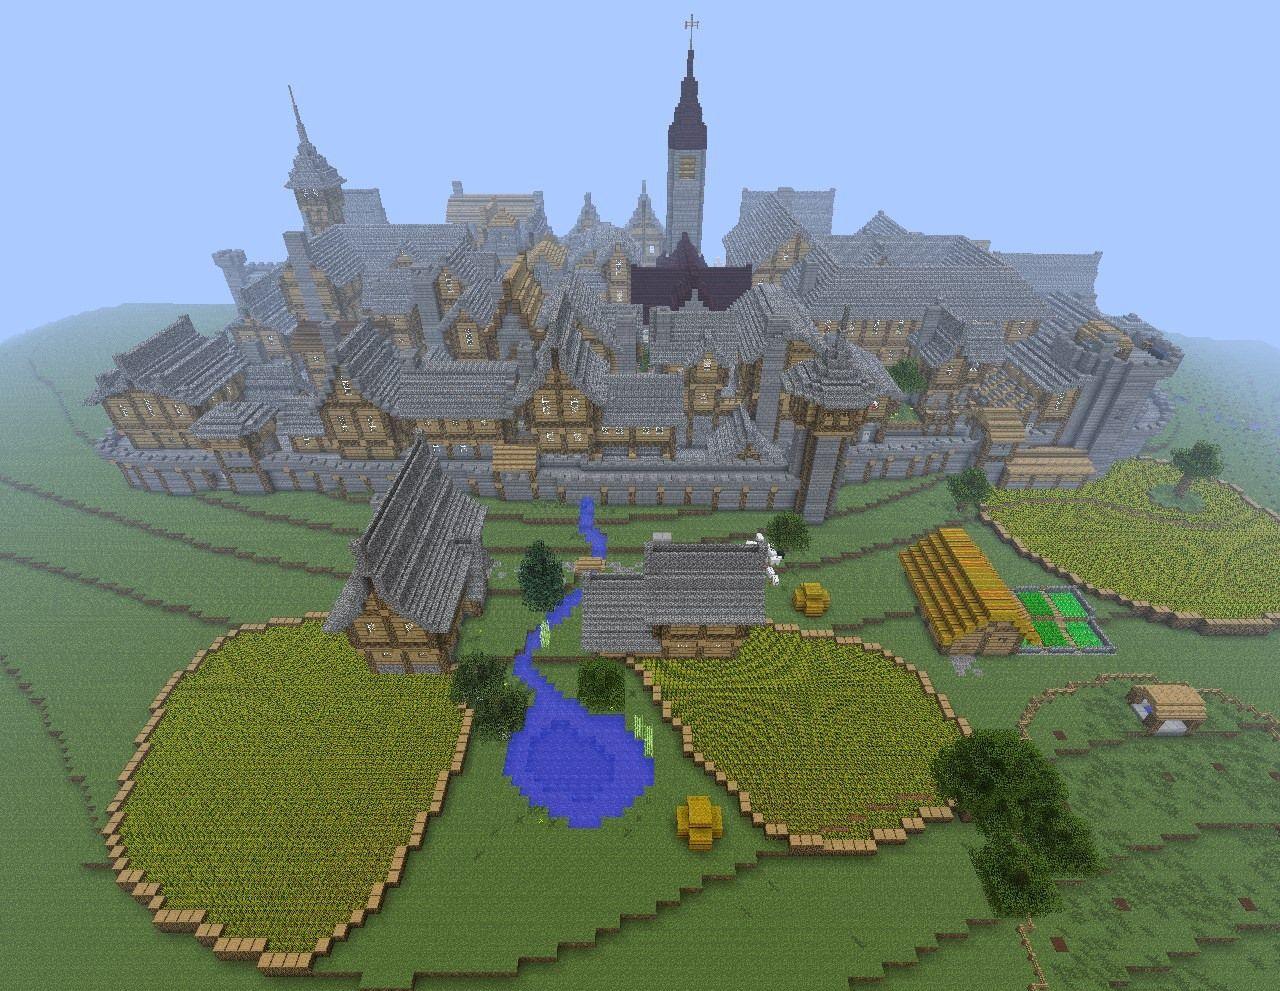 walled town in minecraft minecraft farm minecraft on walled id=82841